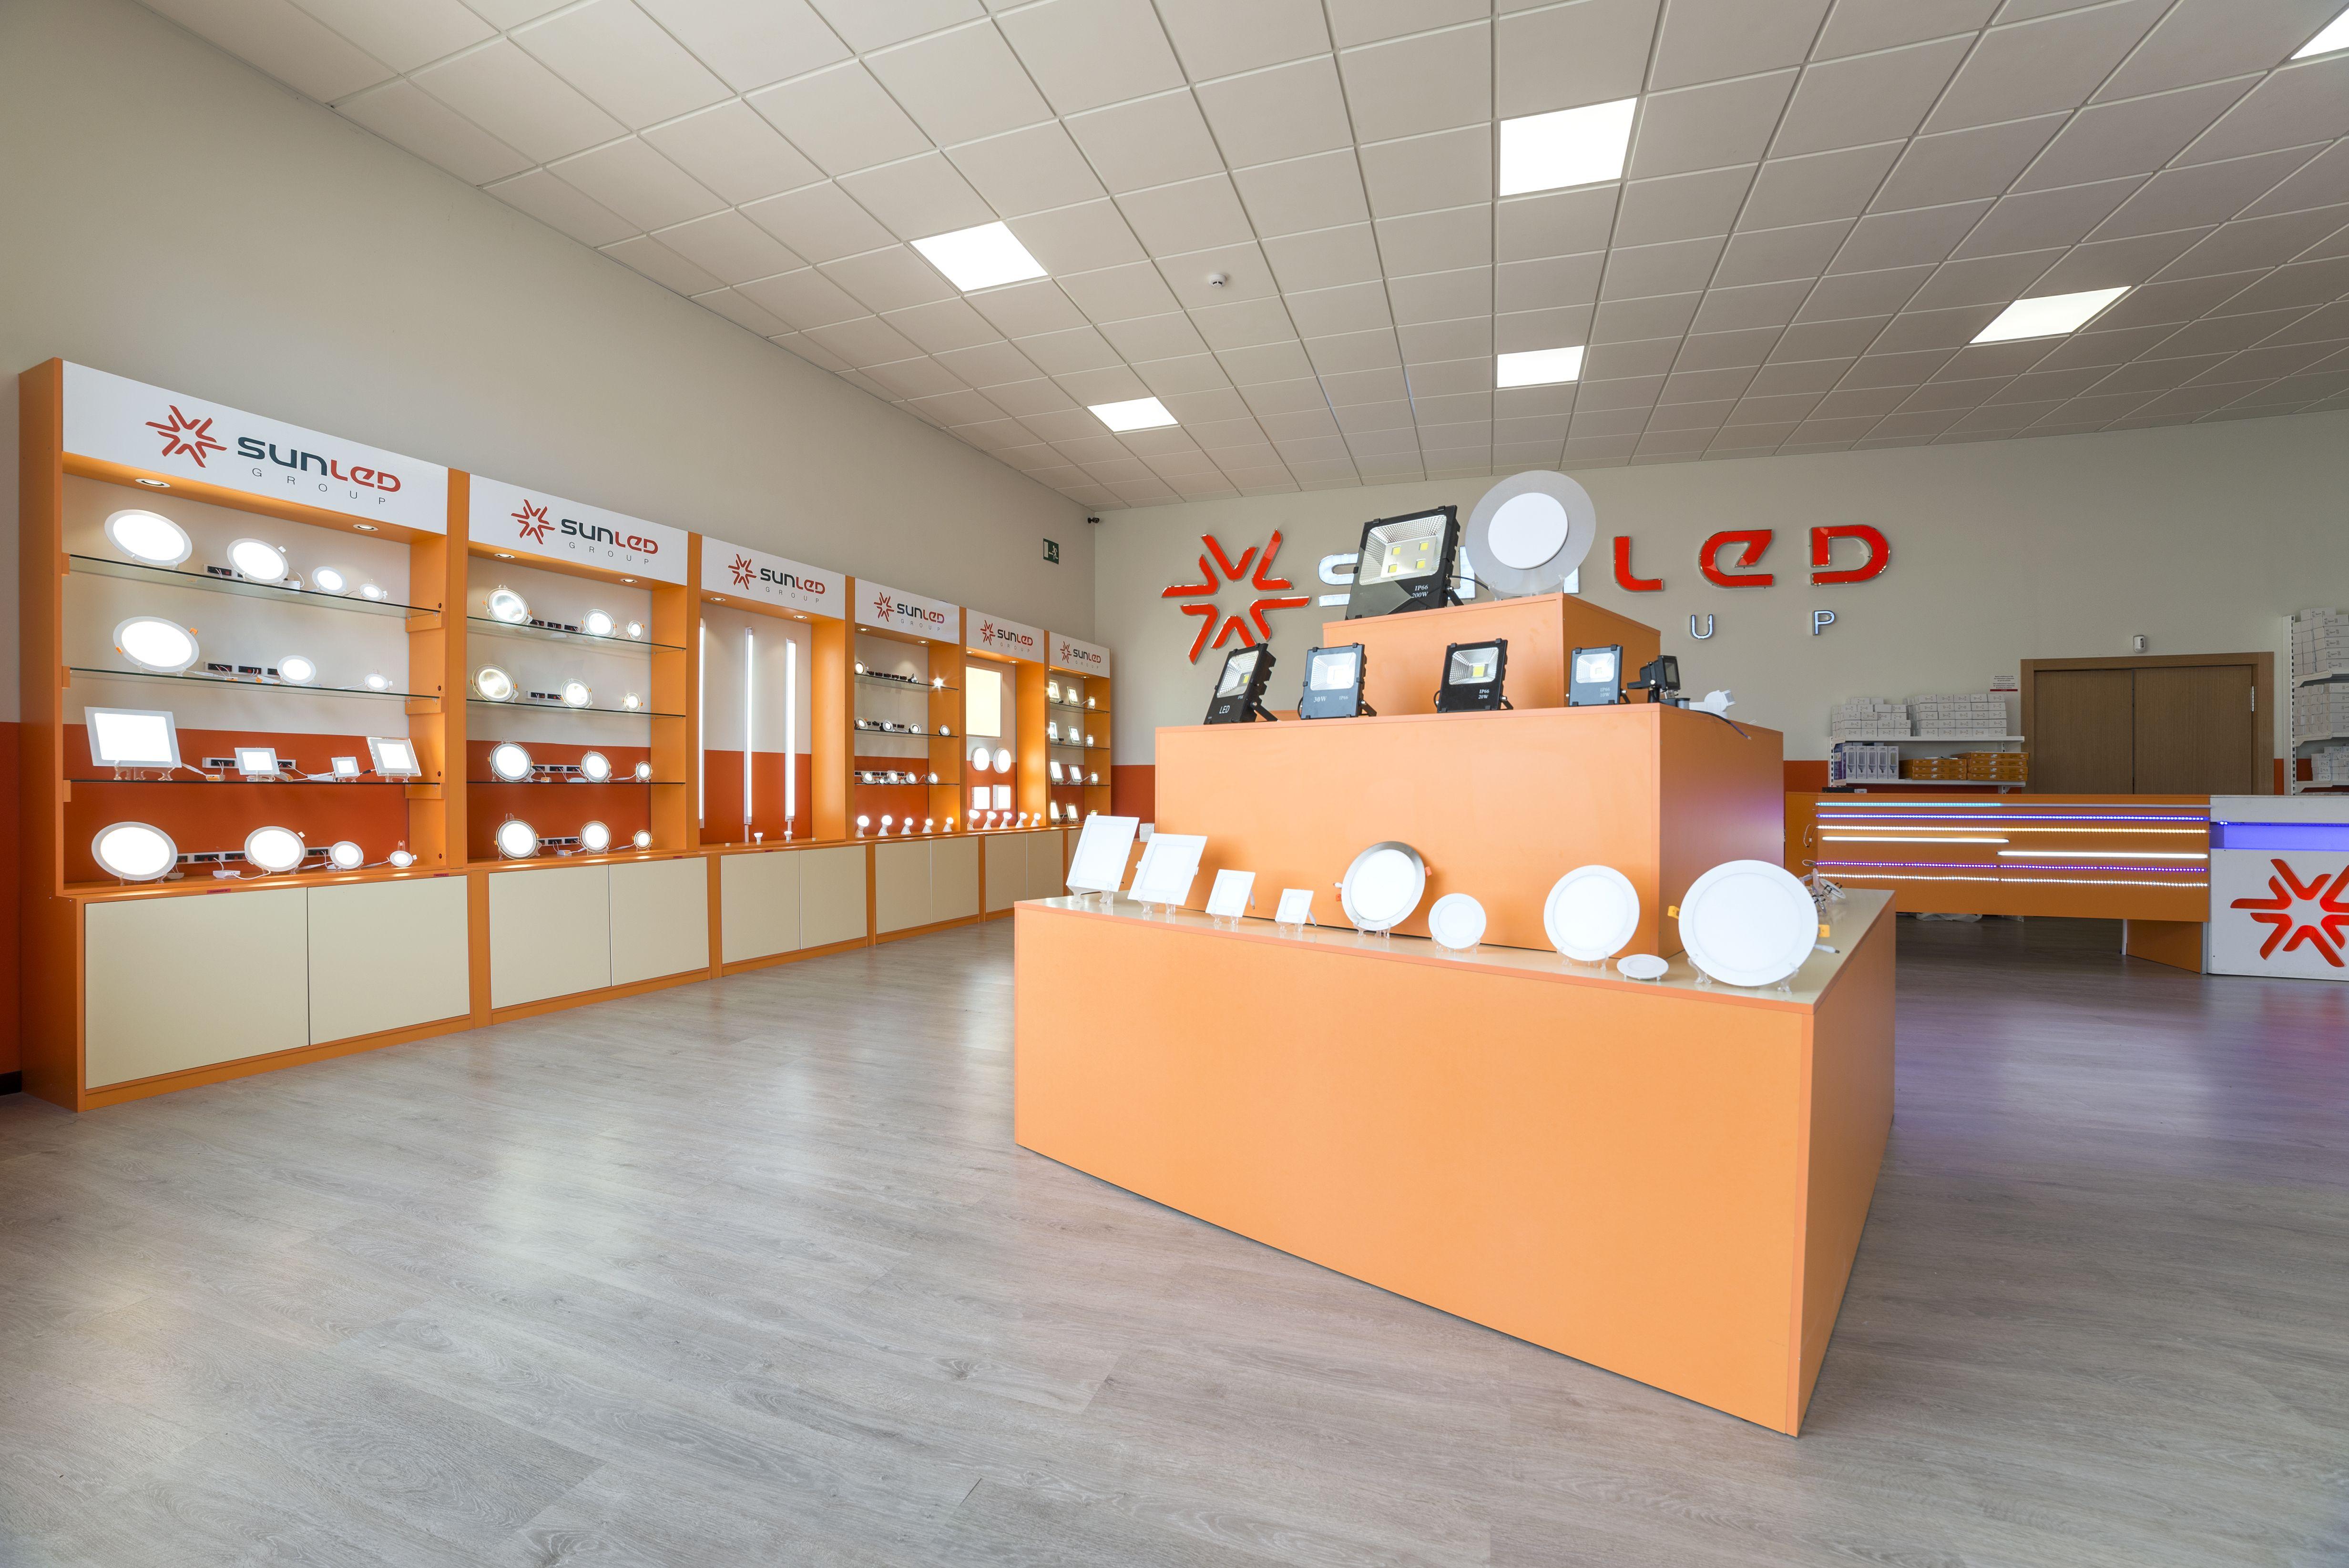 Foto 4 de Iluminación en Alacant | Sunled Group